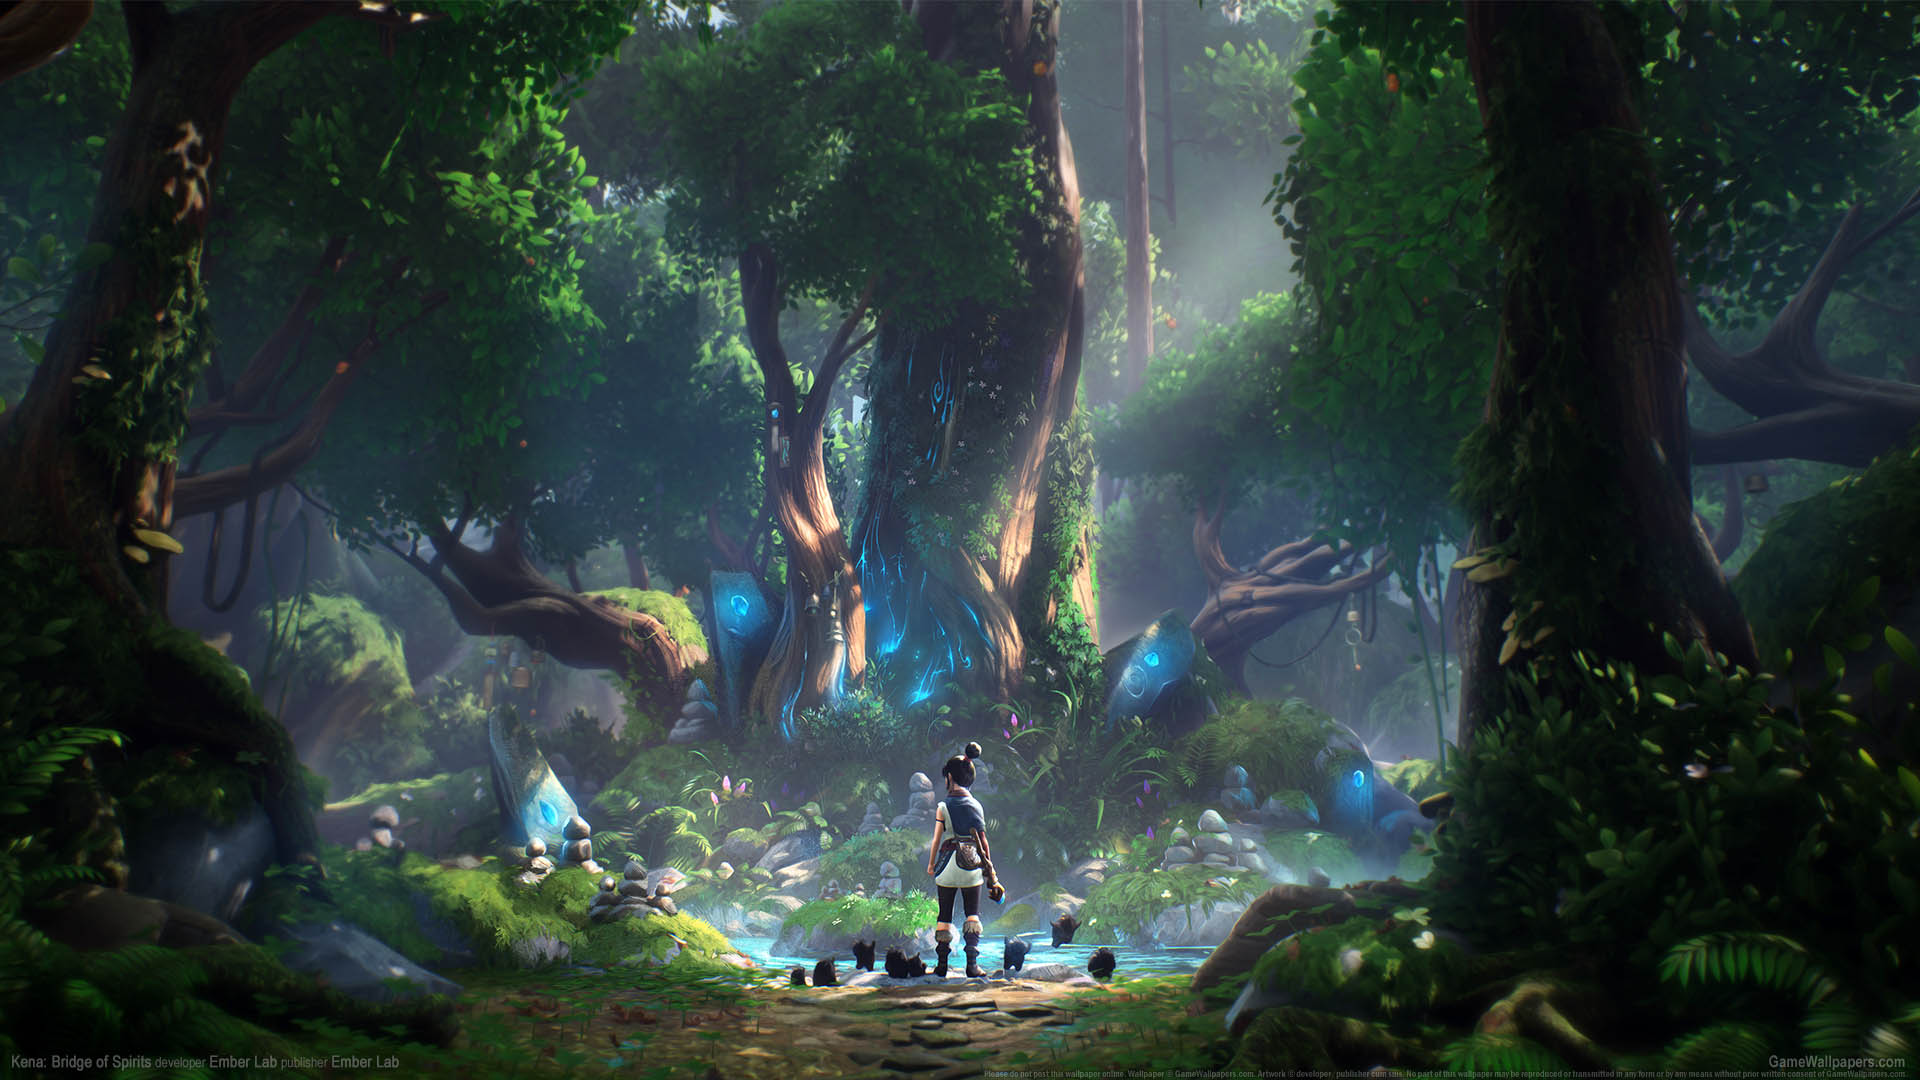 kena bridge of spirits video game 4k wallpaper 2580